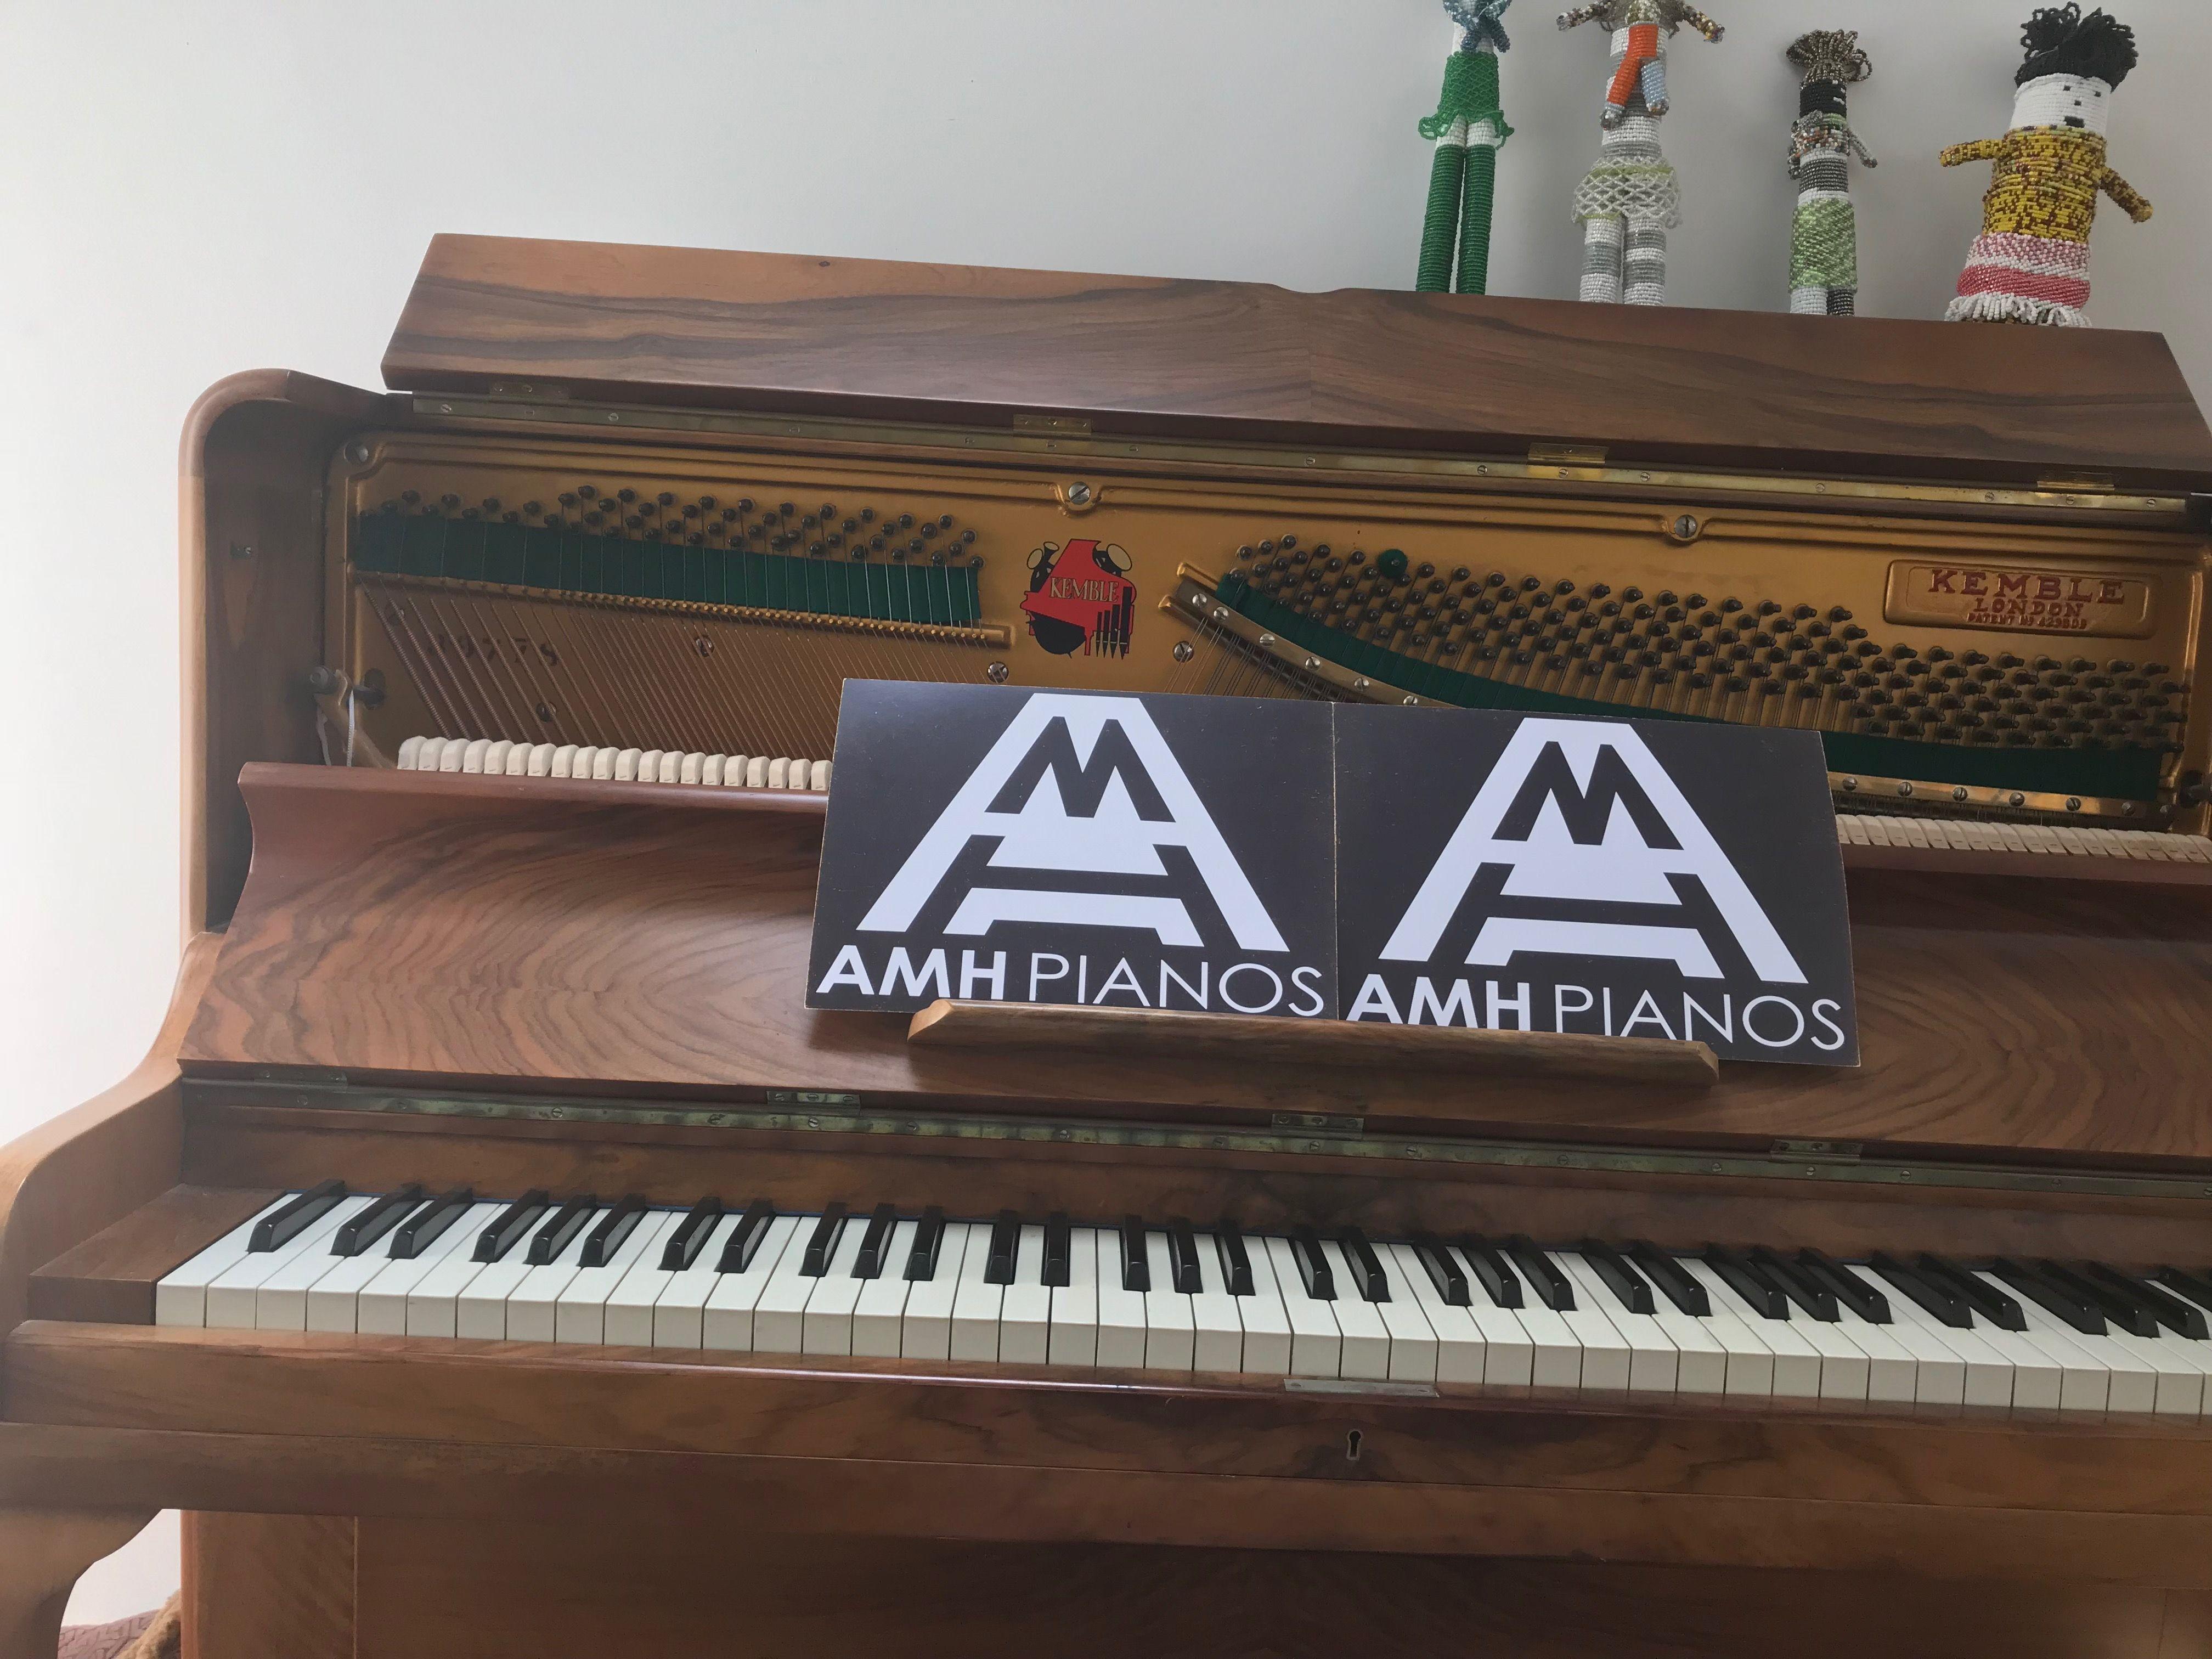 Piano Removals, Piano Restoration & Piano Servicing